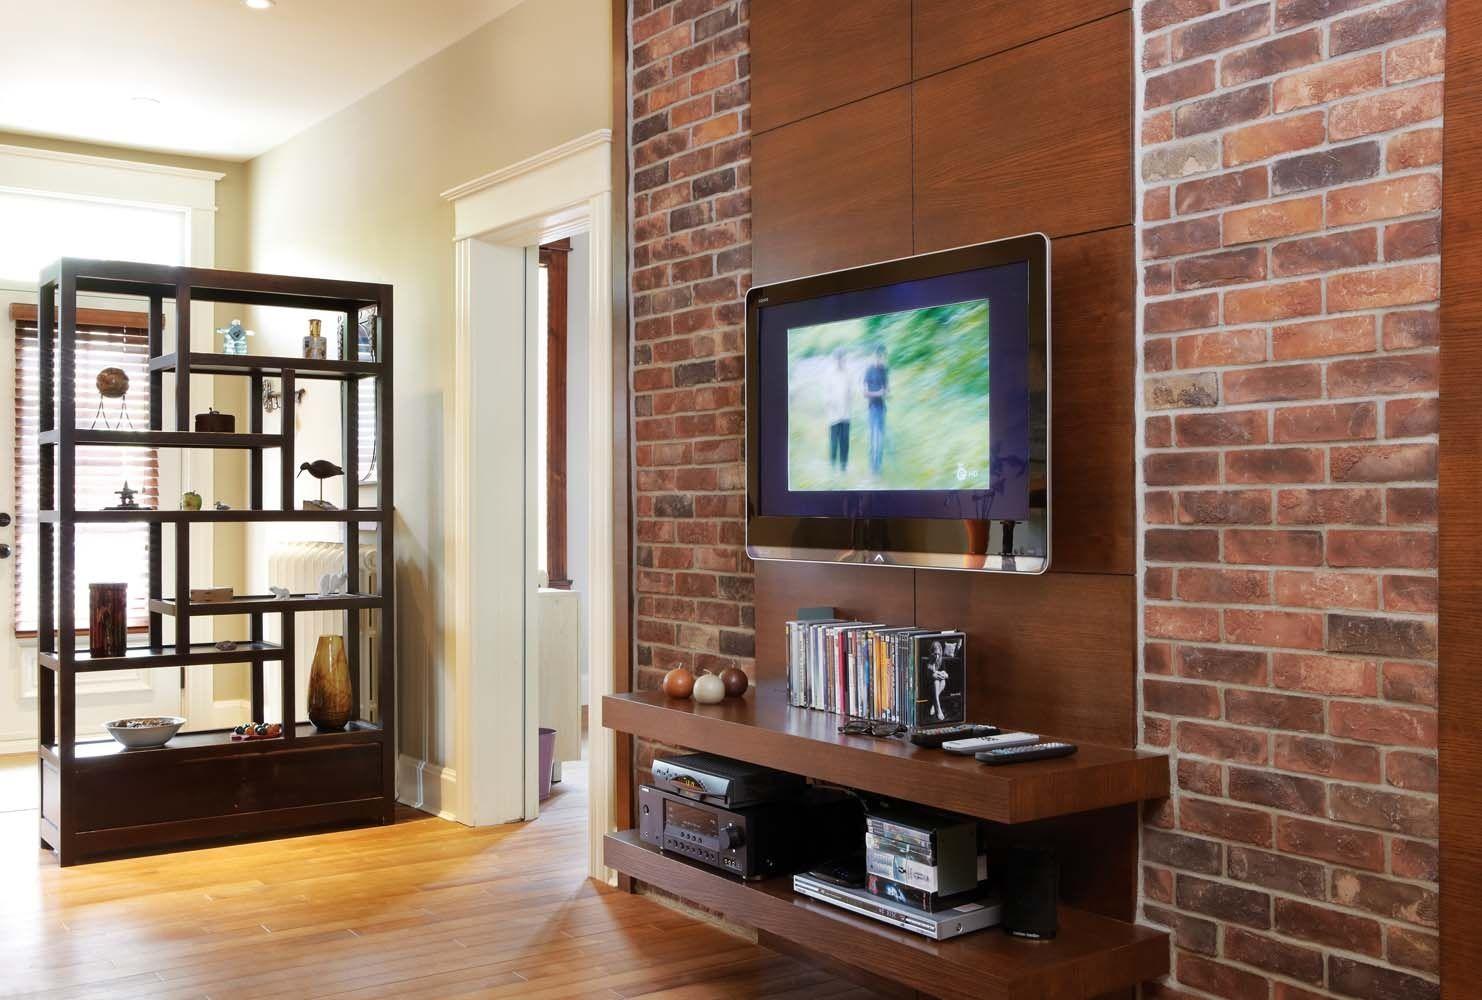 mur avec du bois de plancher et pierres m langer recherche google d co int rieur pinterest. Black Bedroom Furniture Sets. Home Design Ideas